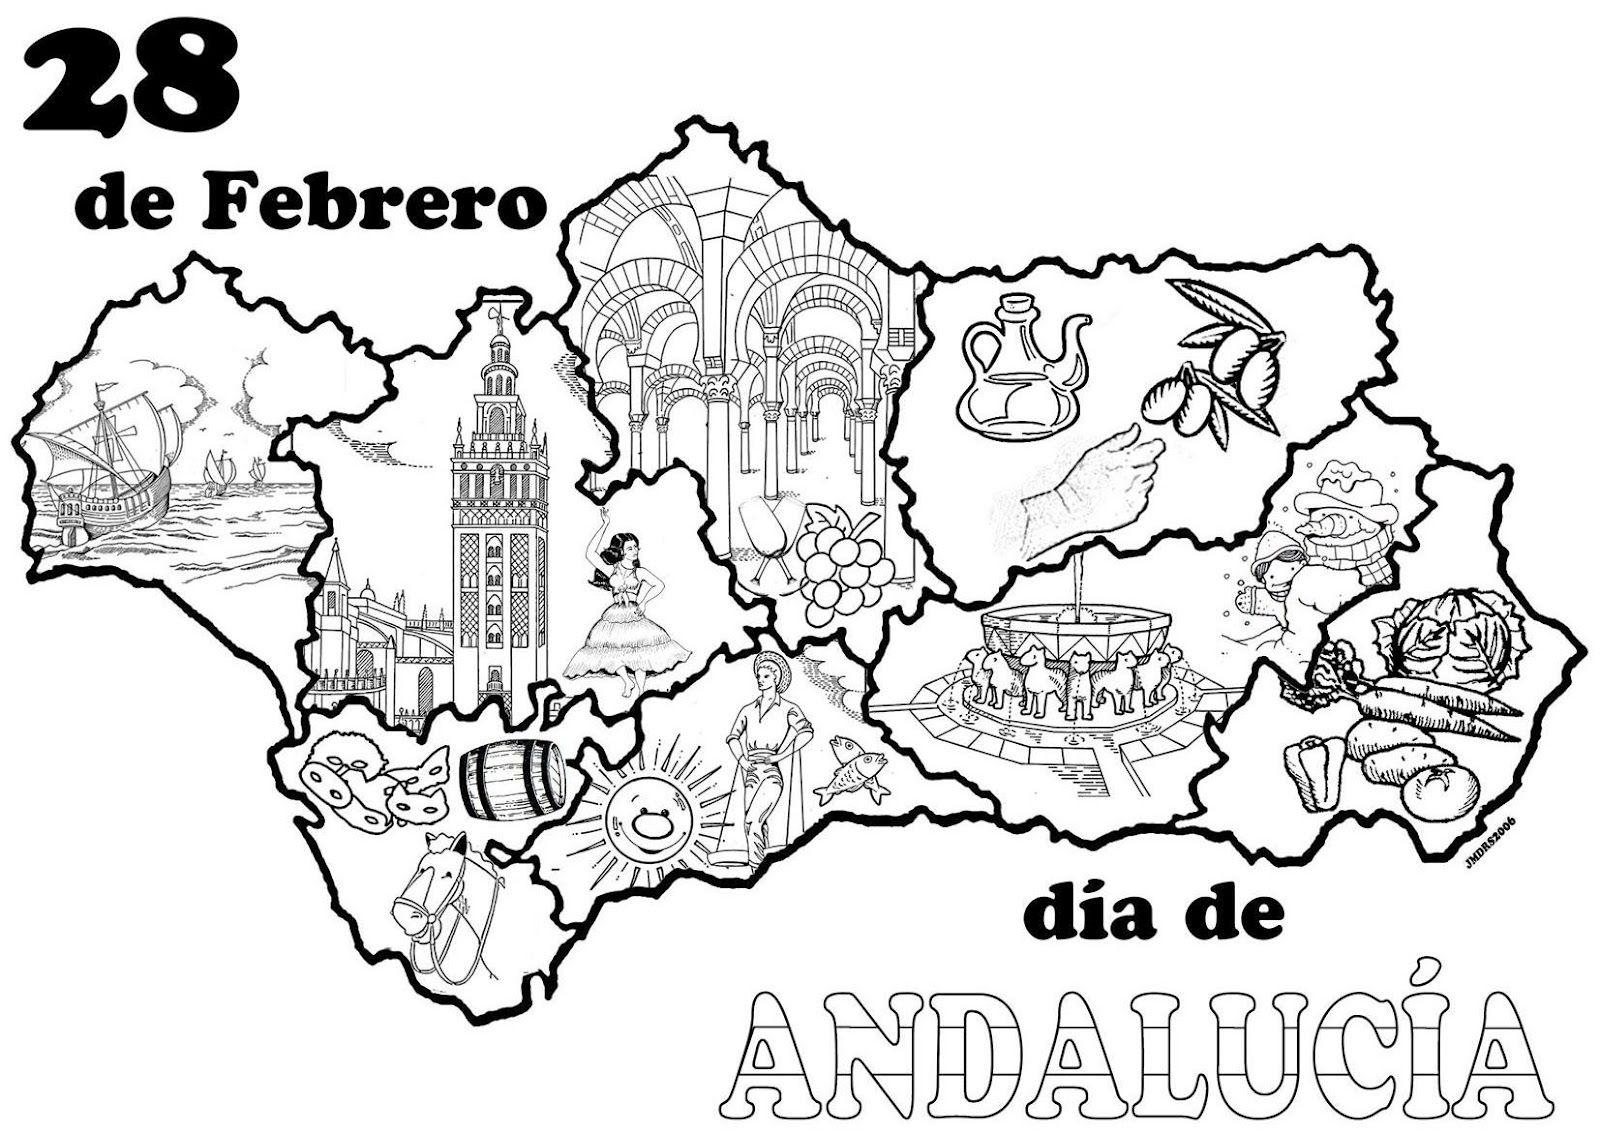 Colorear Dia Andalucia Buscar Con Google Dia De Andalucia Andalucia Plantillas Para Dibujar